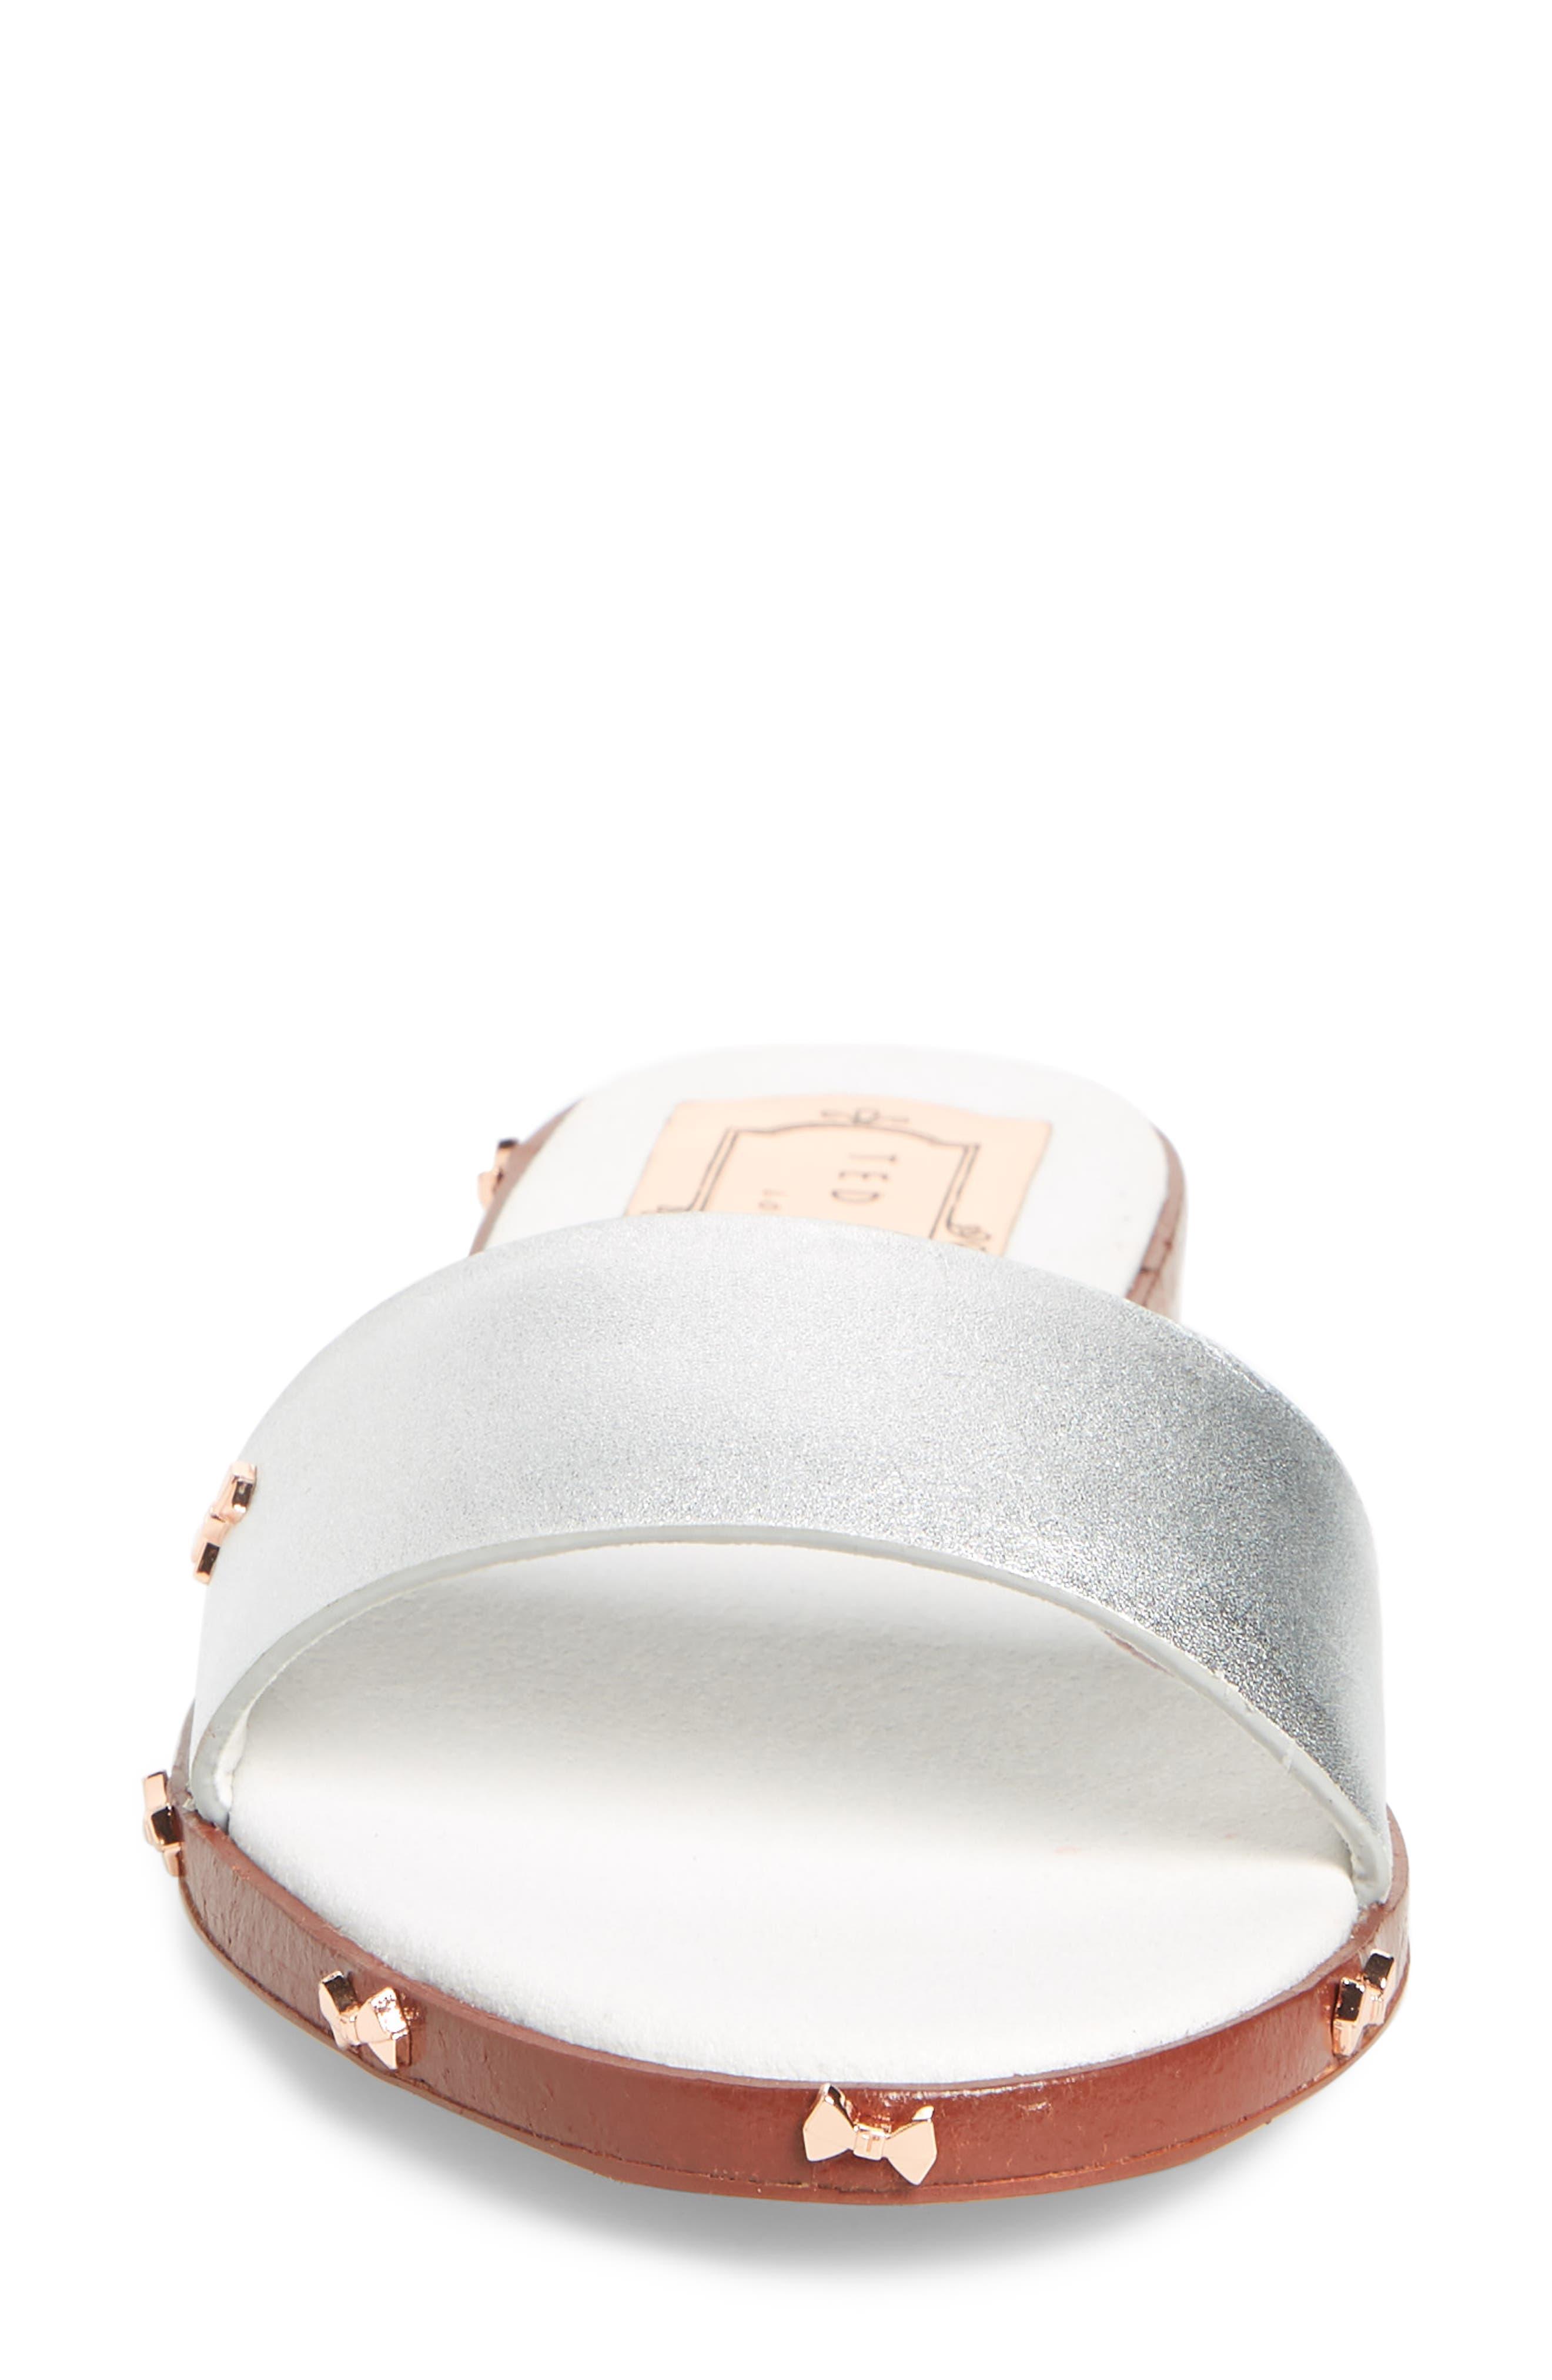 Kytti Slide Sandal,                             Alternate thumbnail 4, color,                             Silver Leather